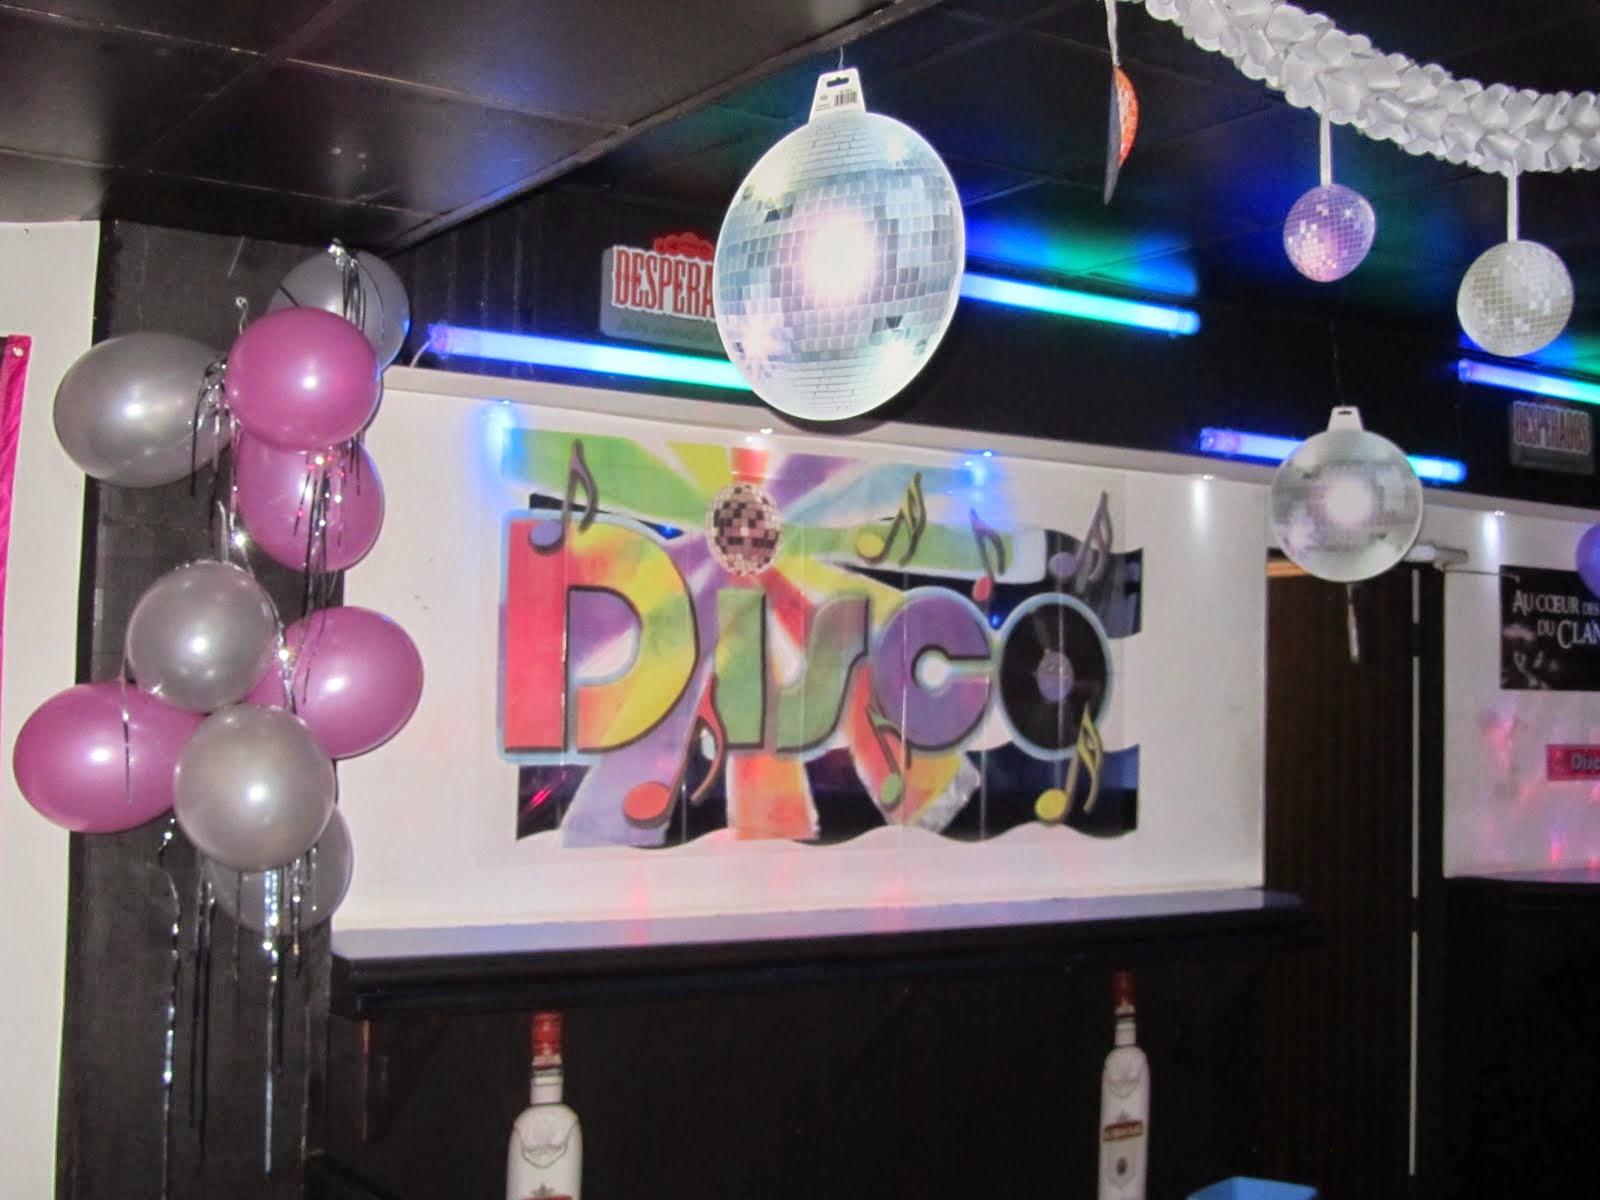 Conseils videos accessoires et decorations pour soirees a for Idee deco annee 90